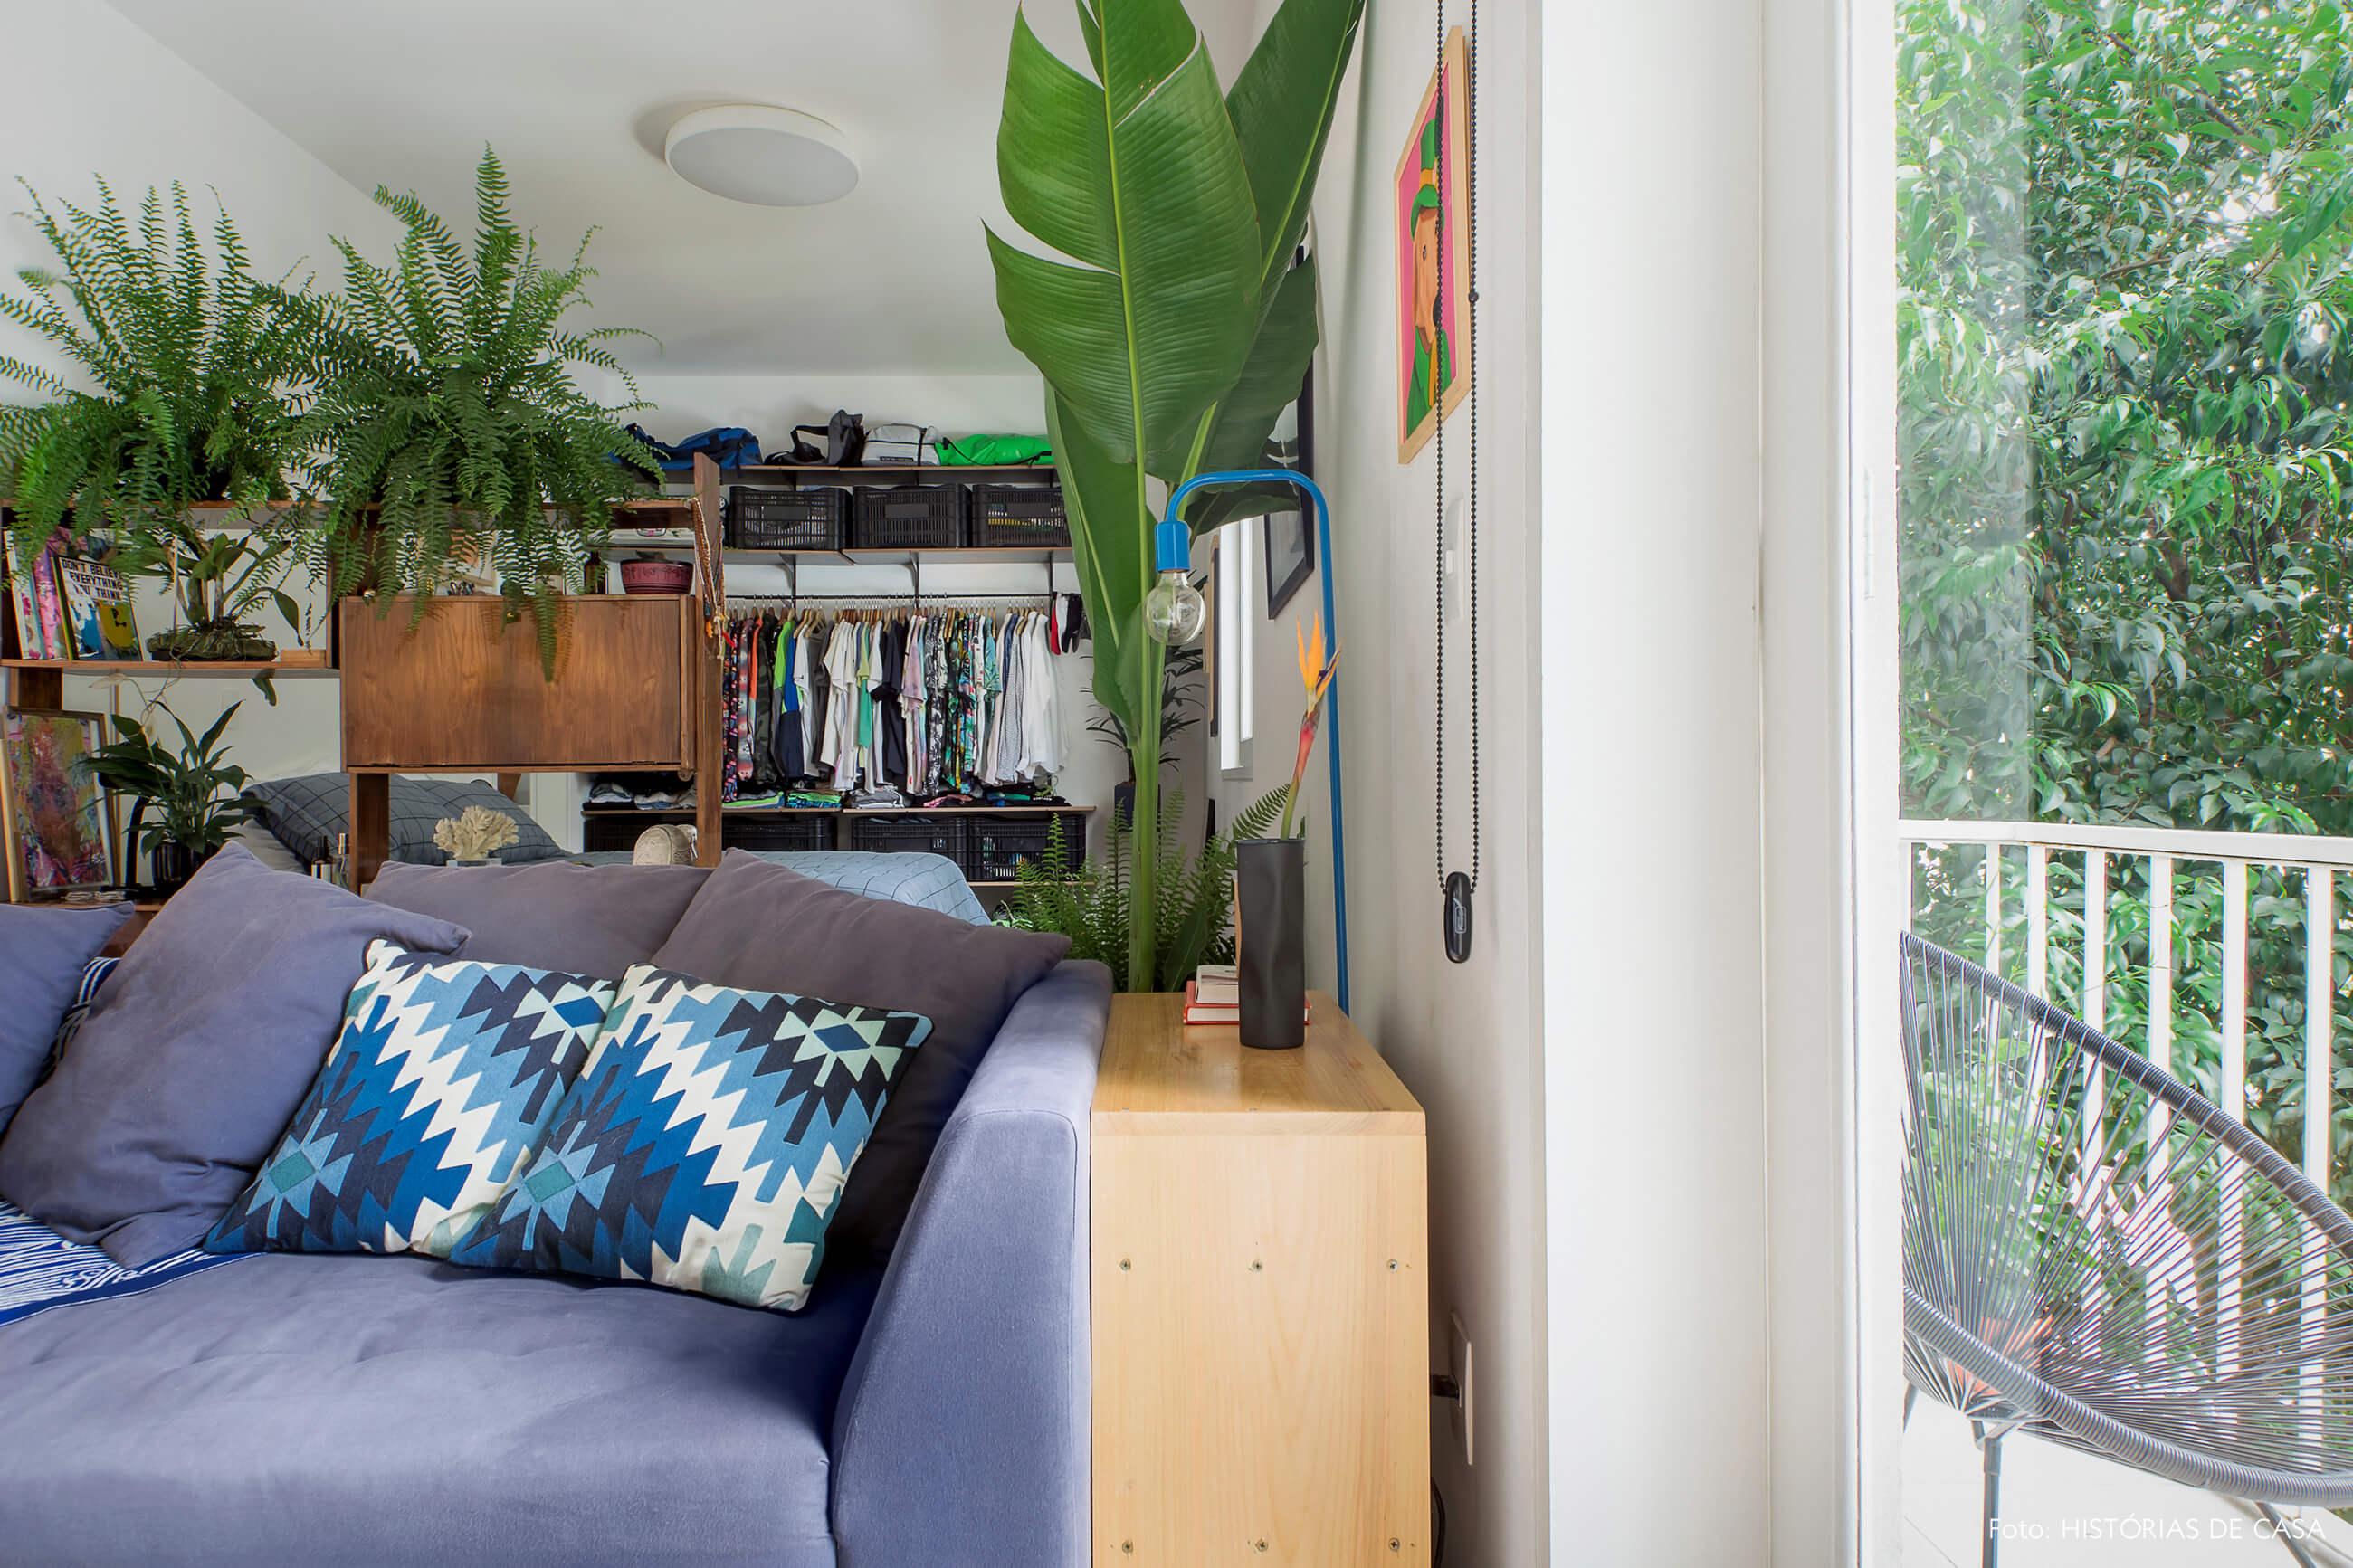 Sala integrada ao quarto com pequena varanda e muitas plantas